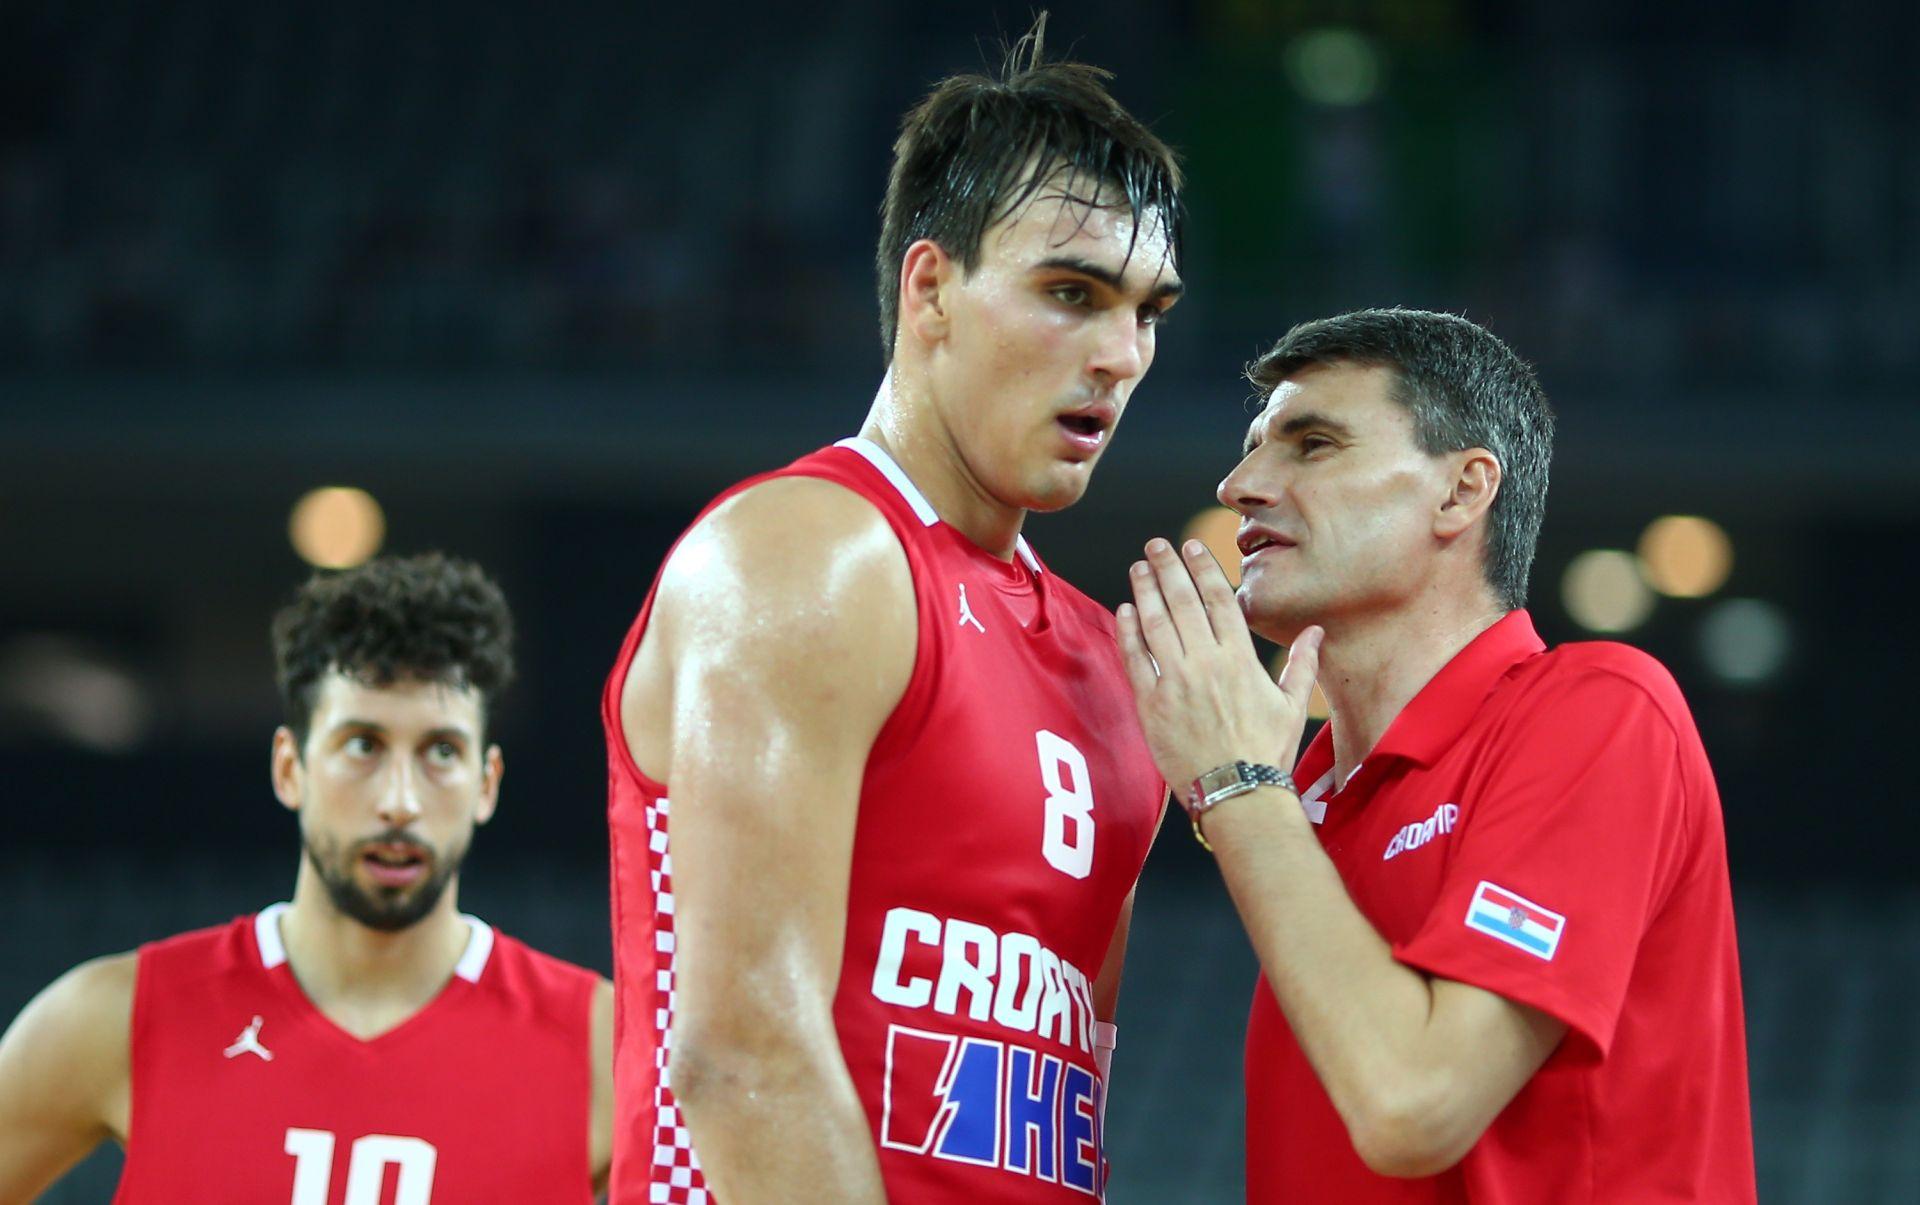 EuroBasket: Zdovc vjeruje u pobjedu protiv Hrvatske